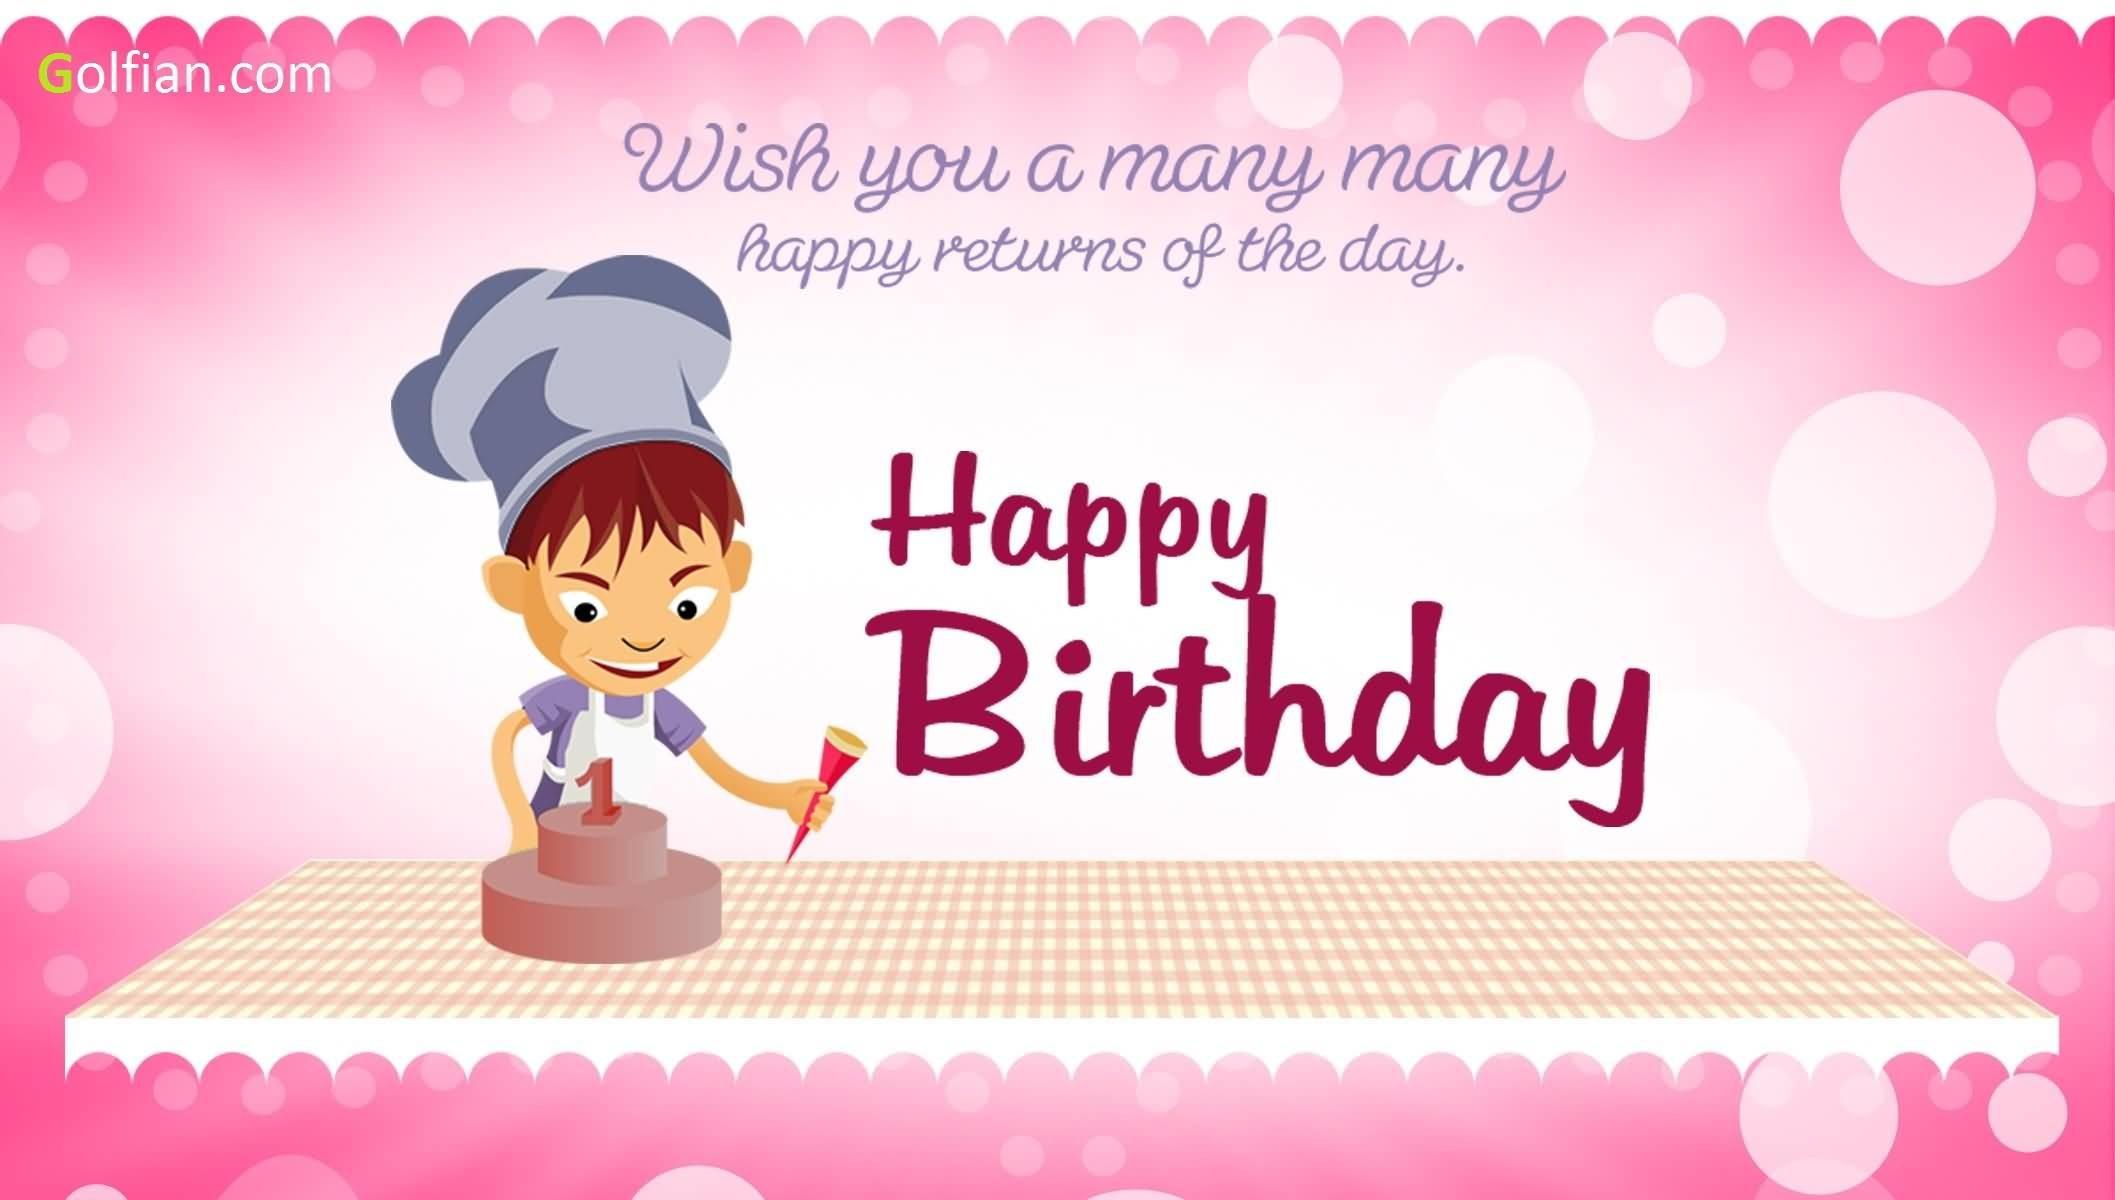 Wish you a many many happy birthday to dear Godchild